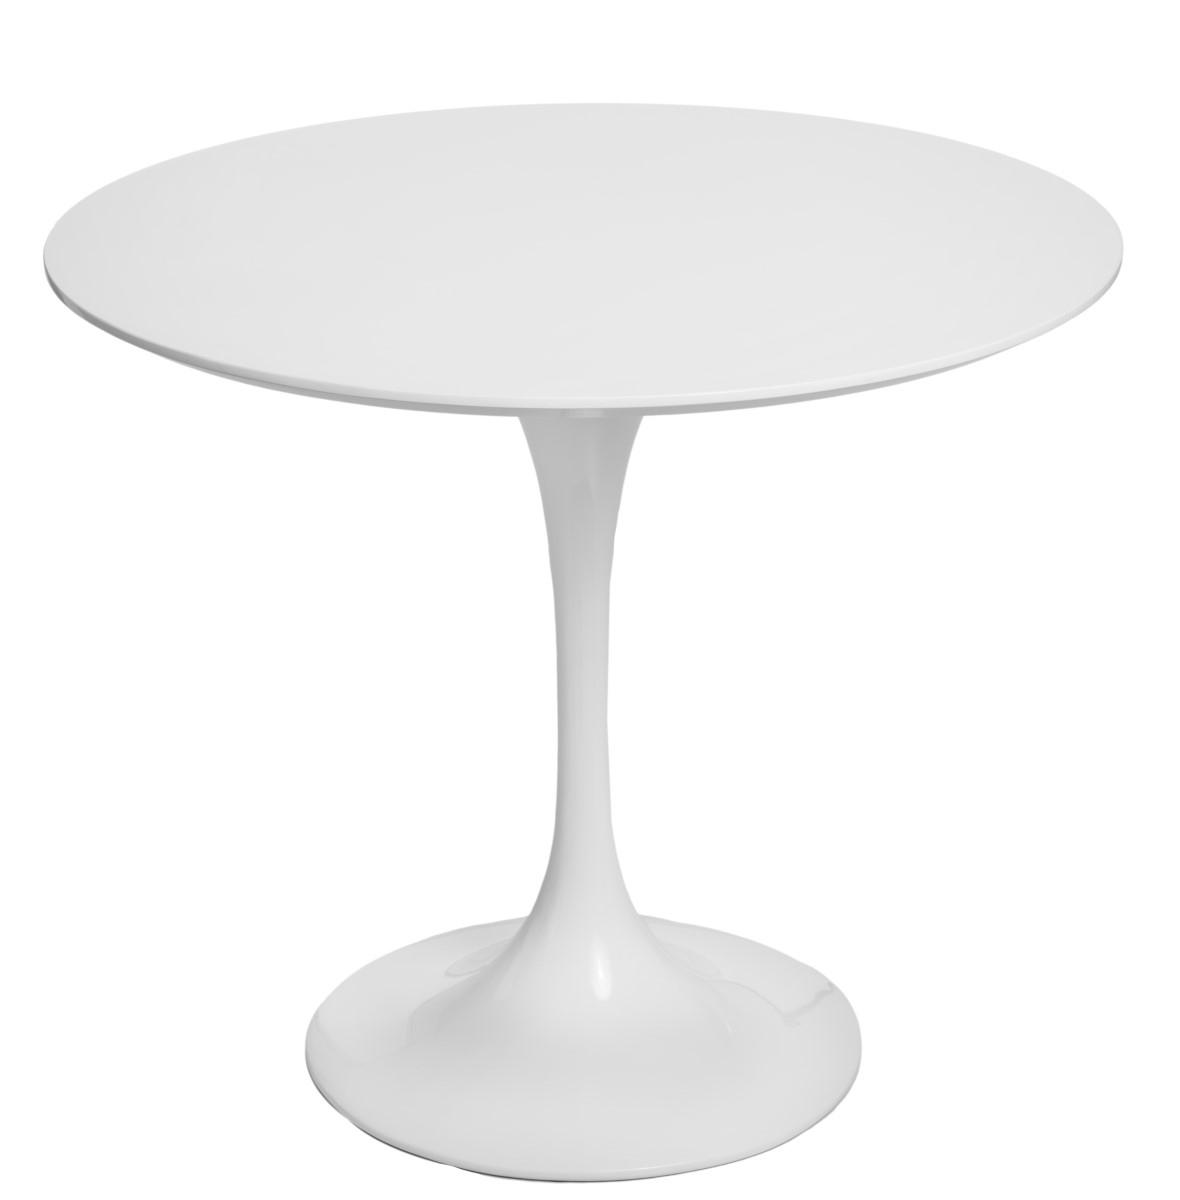 Jídelní stůl Tatiana, 90 cm, bílá